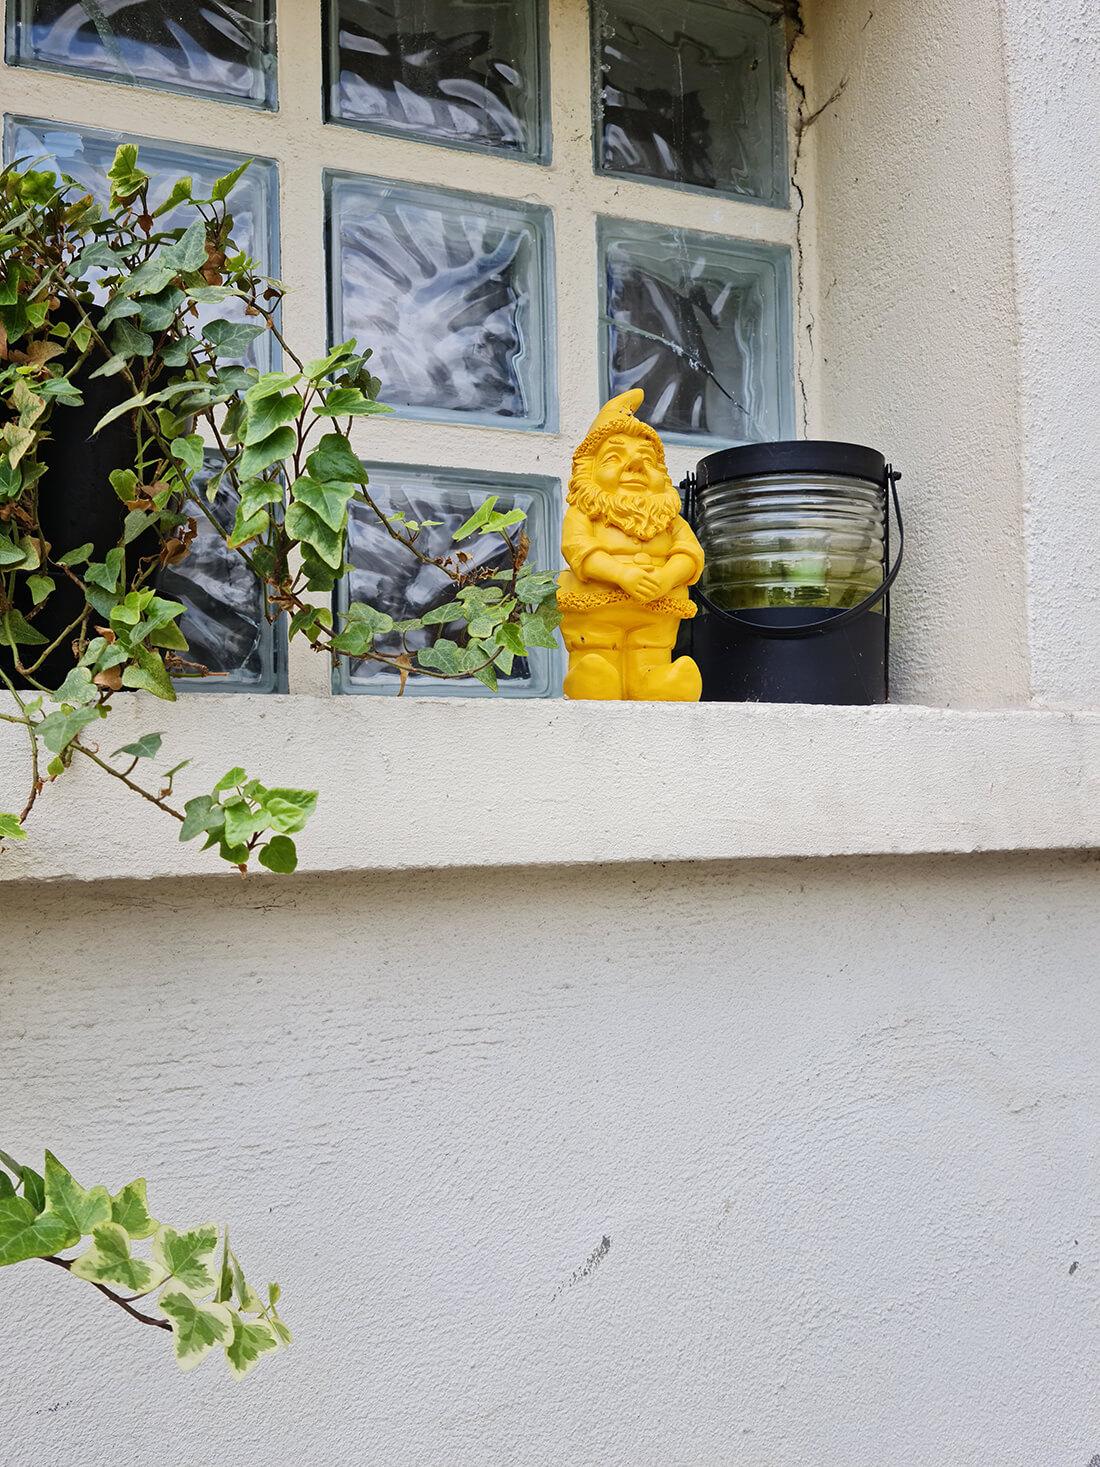 20210701 114859 2 - Garden tour : le résultat et la visite privée de mon jardin après relooking